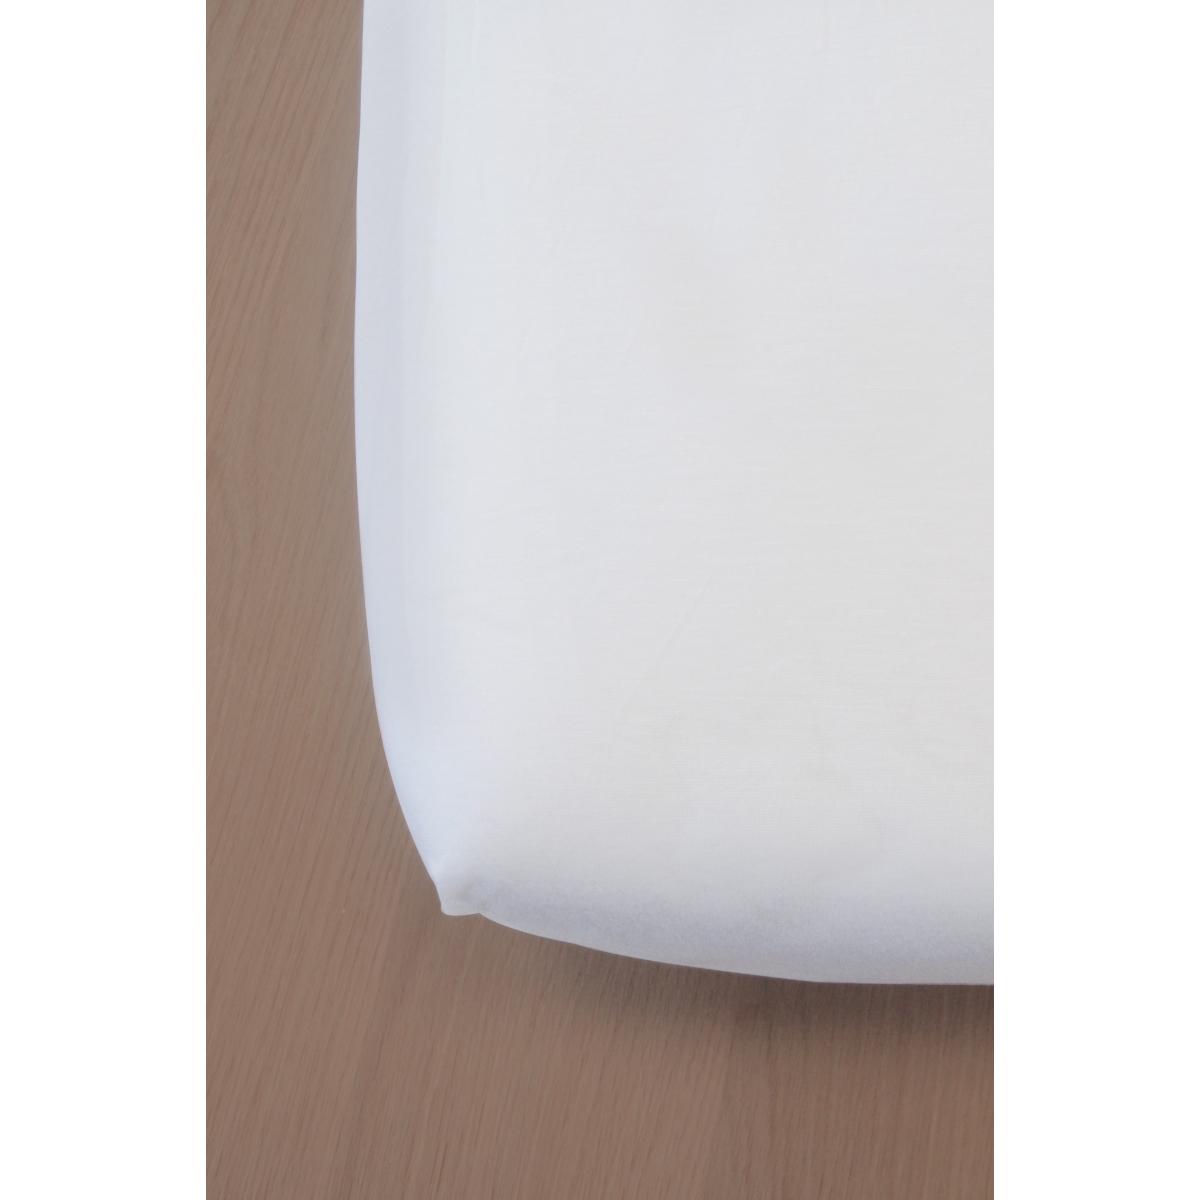 drap housse green clim pour lit junior 90 x 200 cm blanc sebio. Black Bedroom Furniture Sets. Home Design Ideas